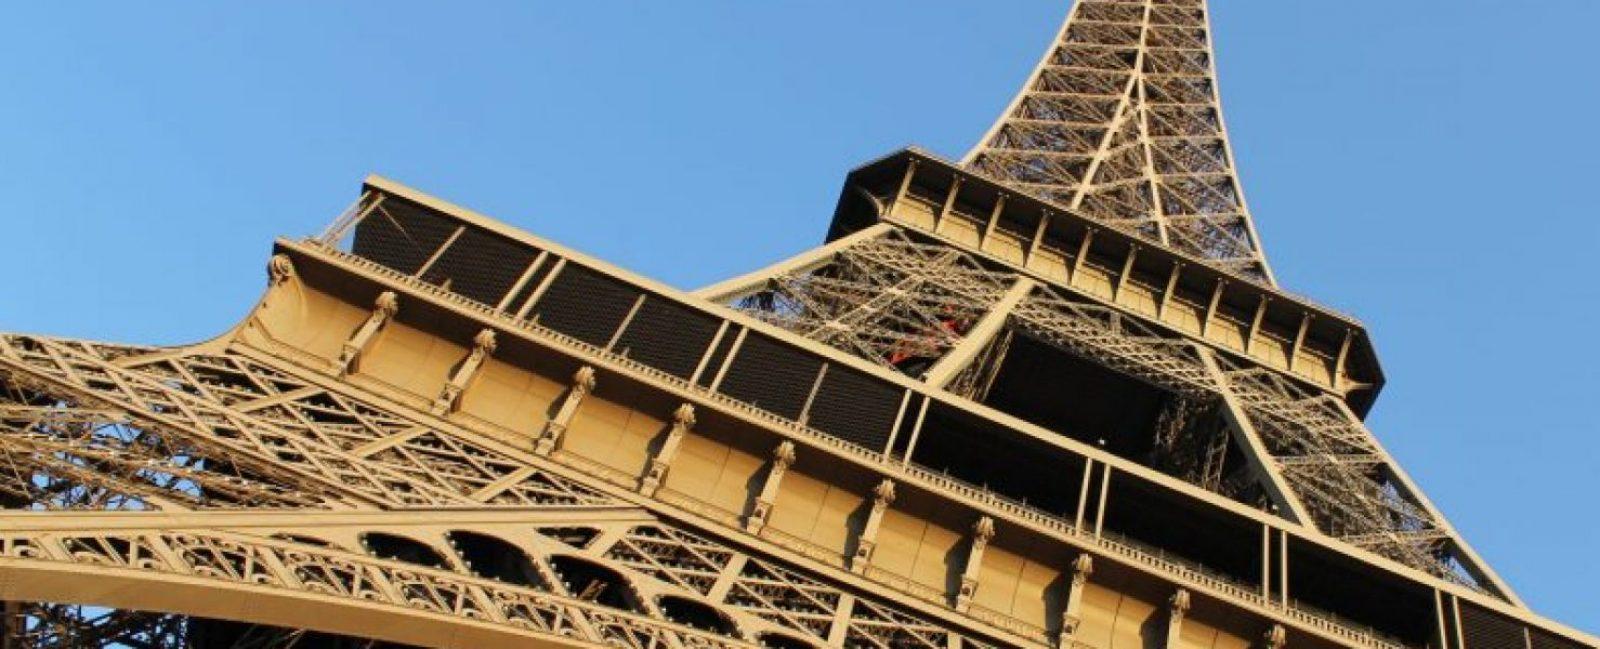 Photographe Pro Paris